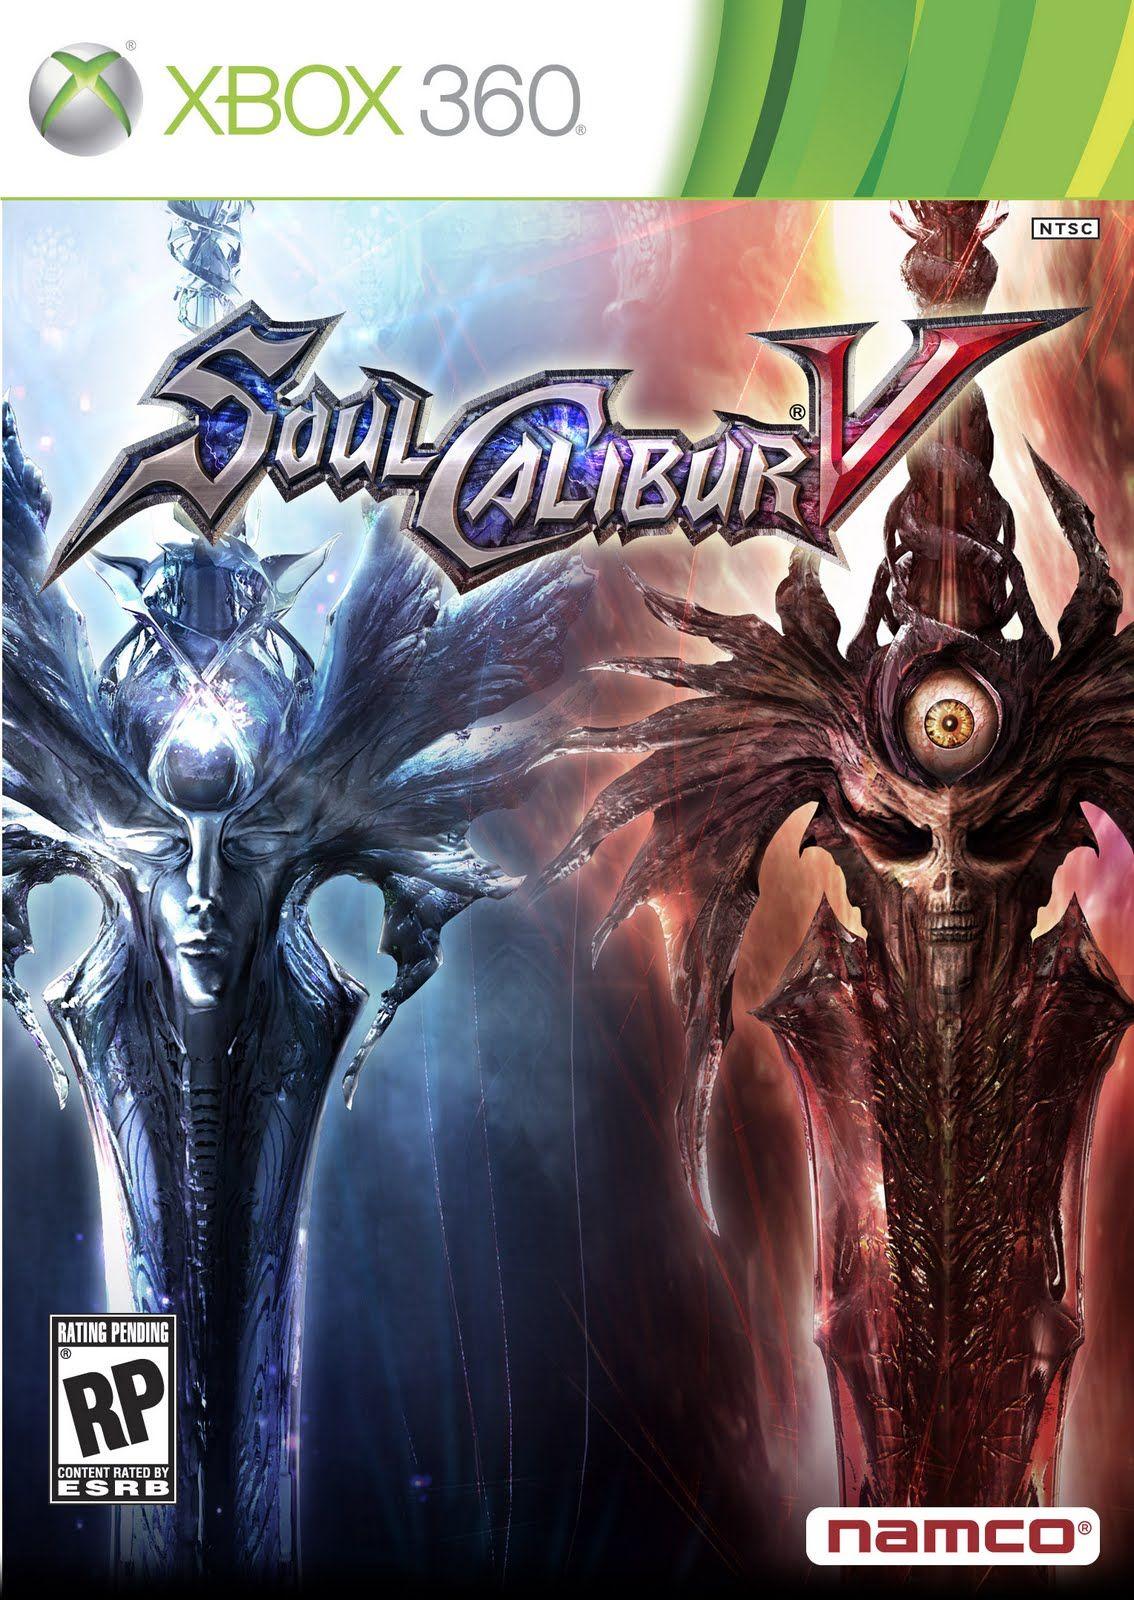 Free download soul calibur 5 xbox 360 game httpwww